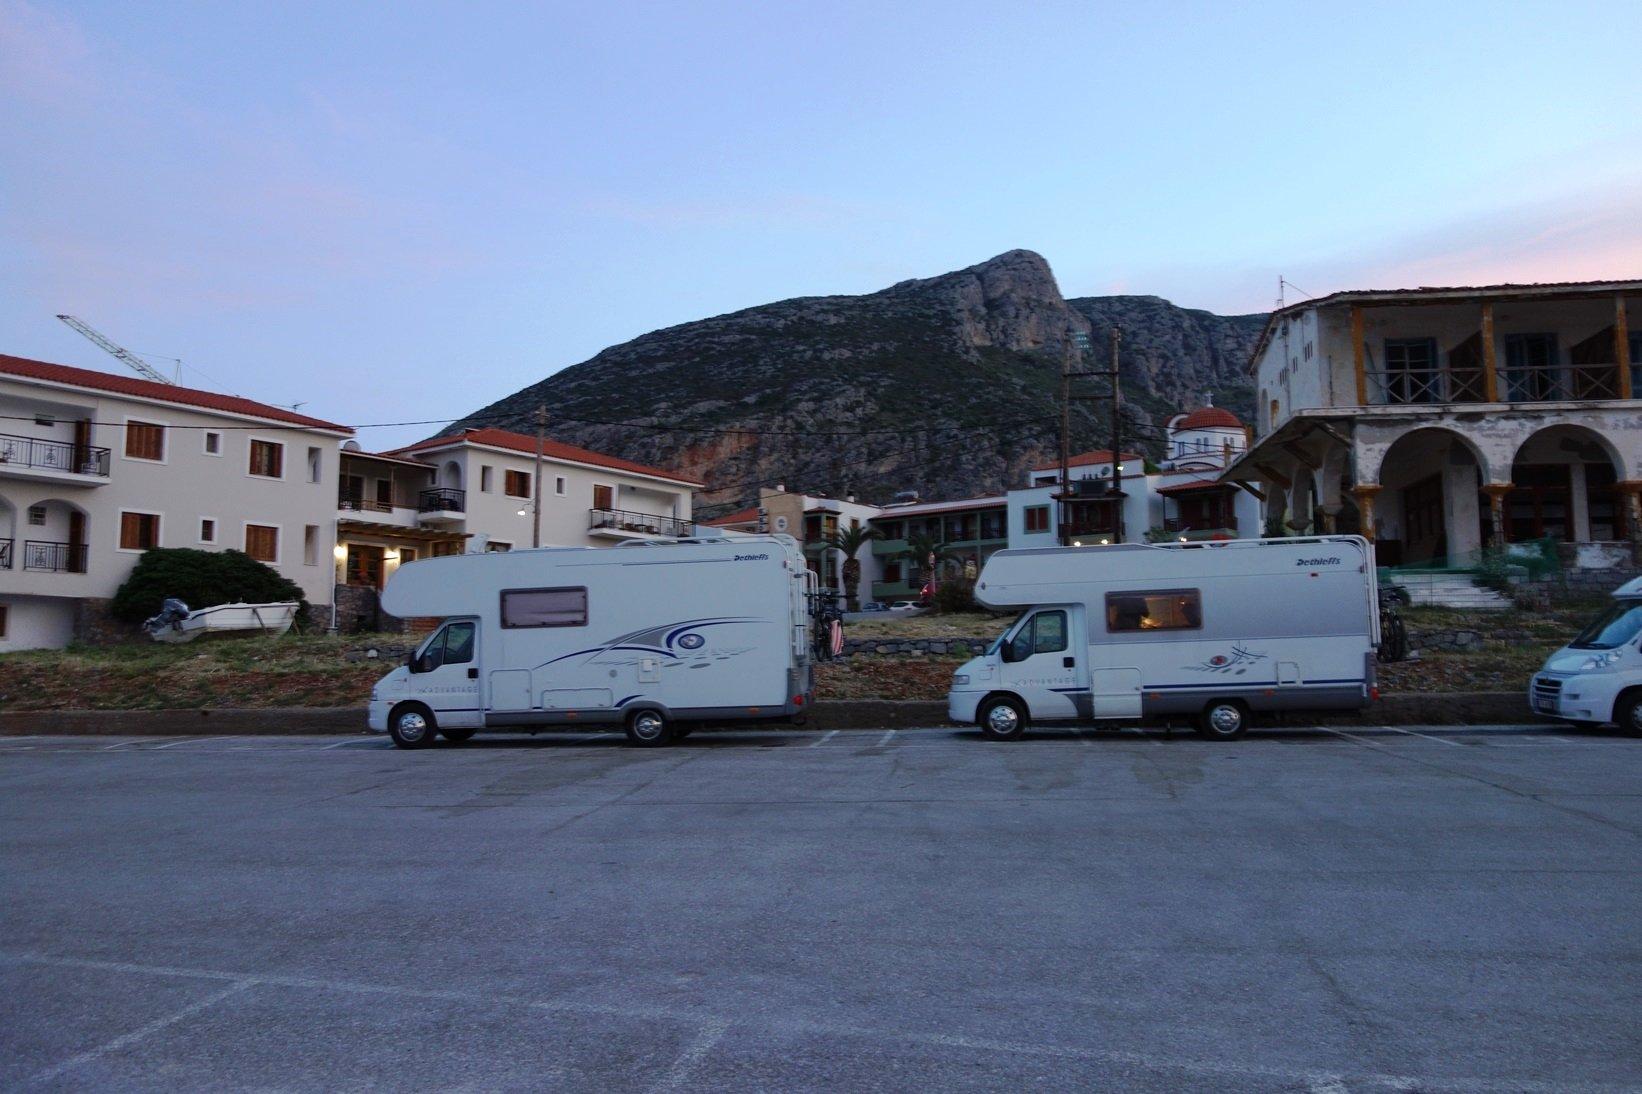 DSC00114 - Mit dem Camper nach Griechenland